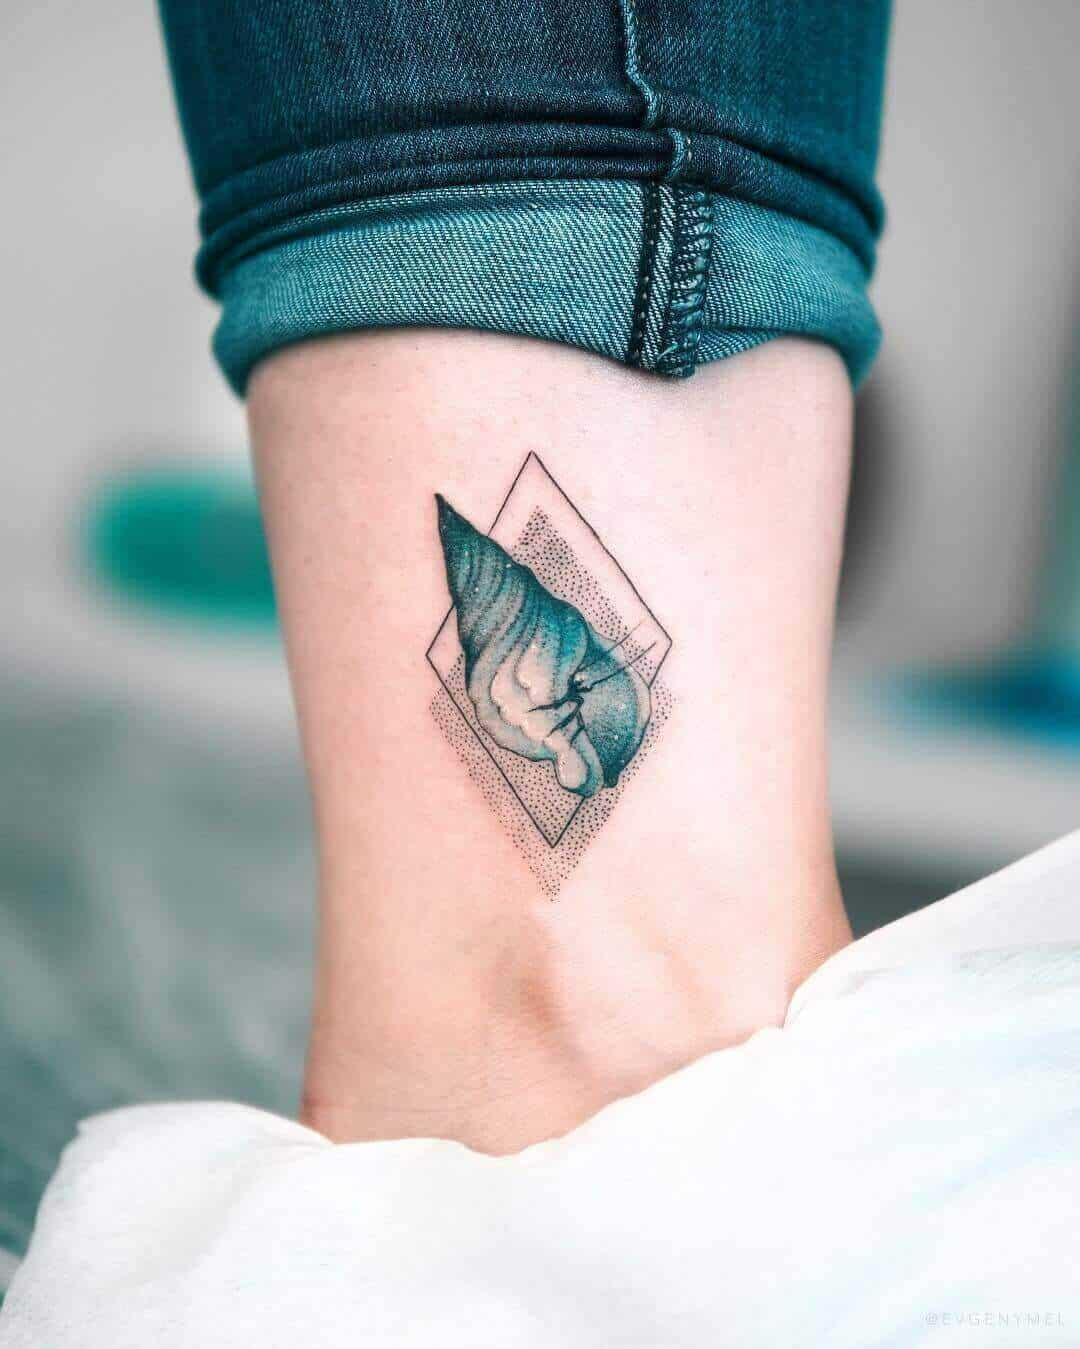 geometric sea creature tattoo on ankle